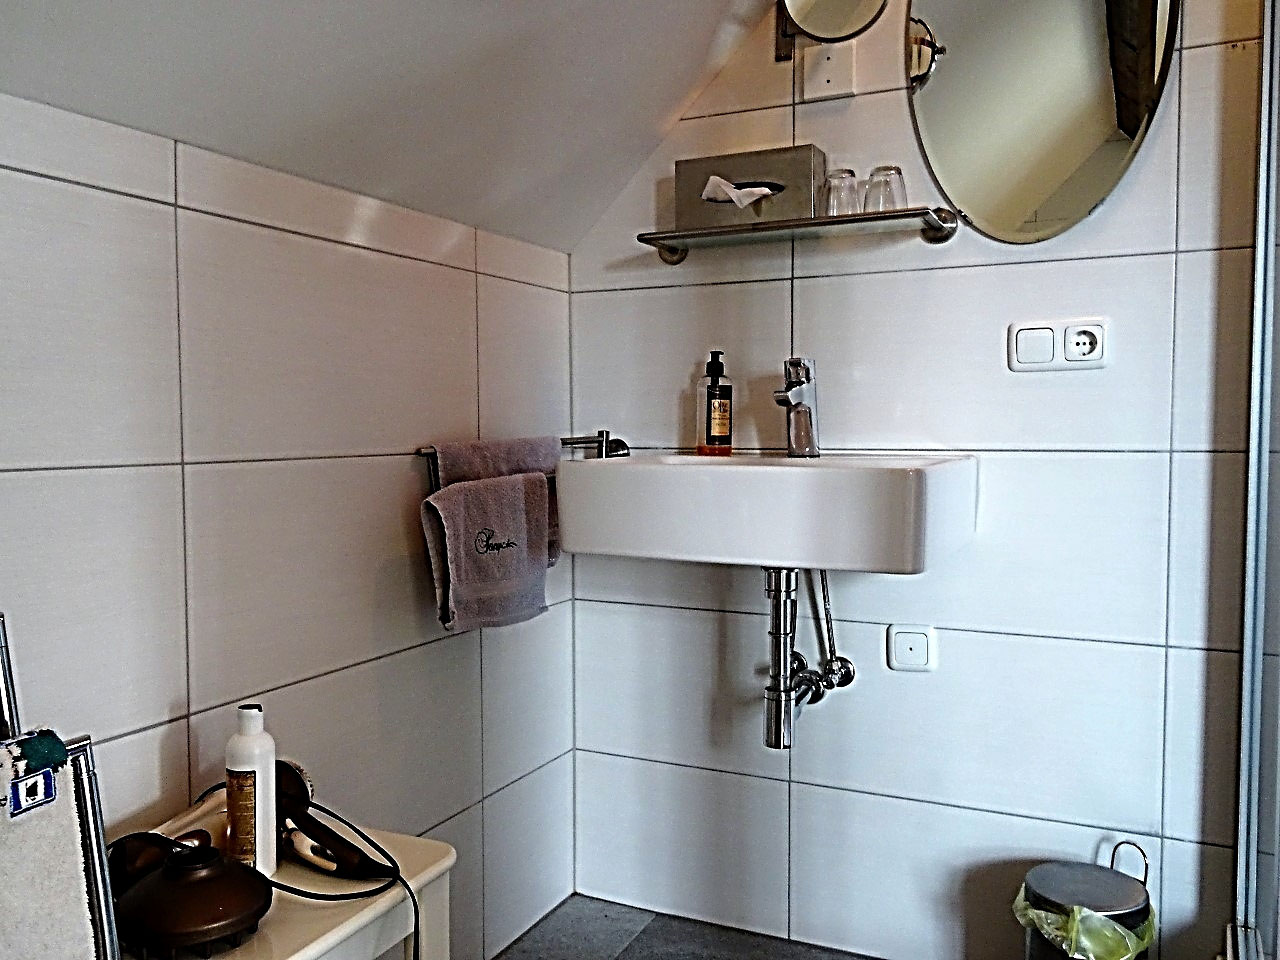 Badkamer Met Whirlpool : Comfortabele kamer met jacuzzi en stoomdouche paradepaardje